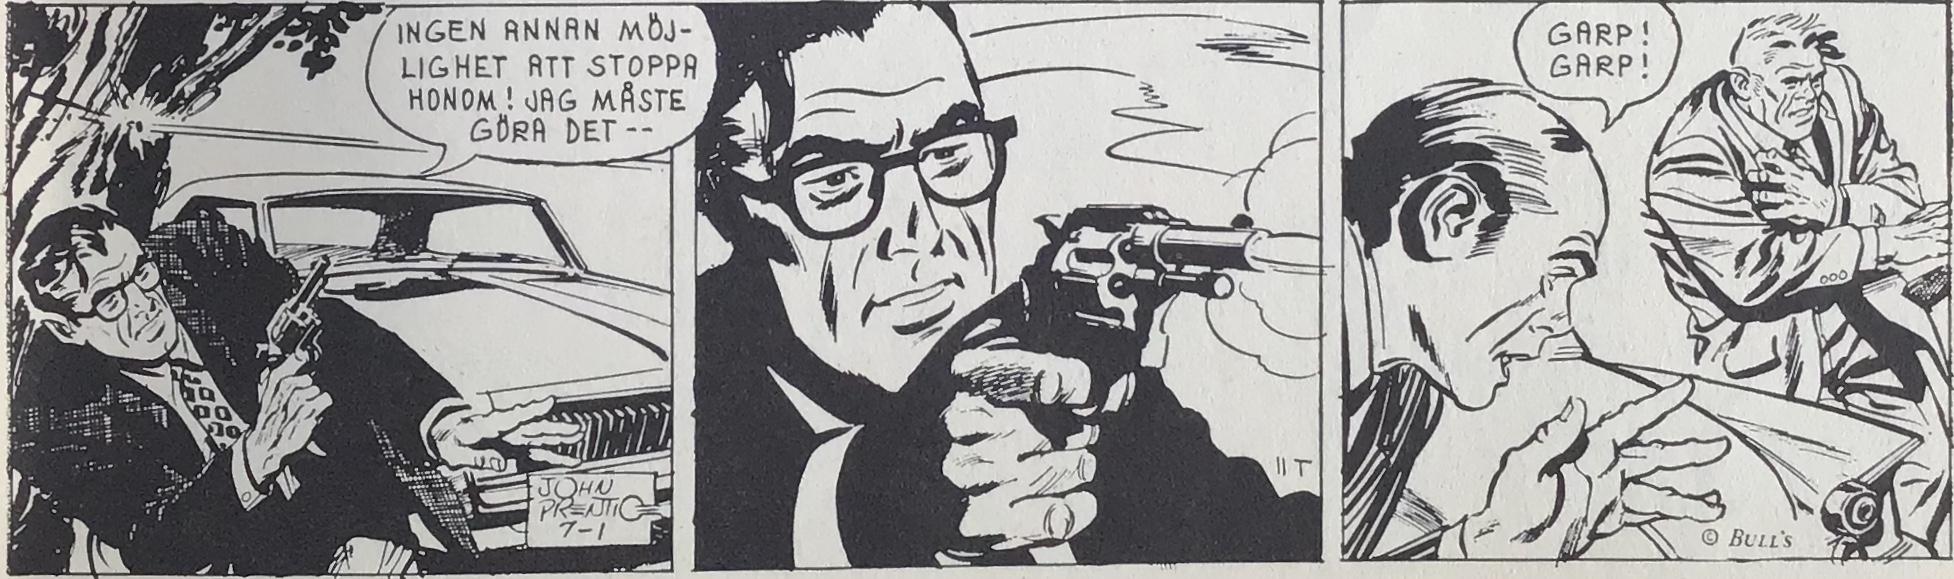 En stripp från 1 juli 1968, ur Comics nr 1